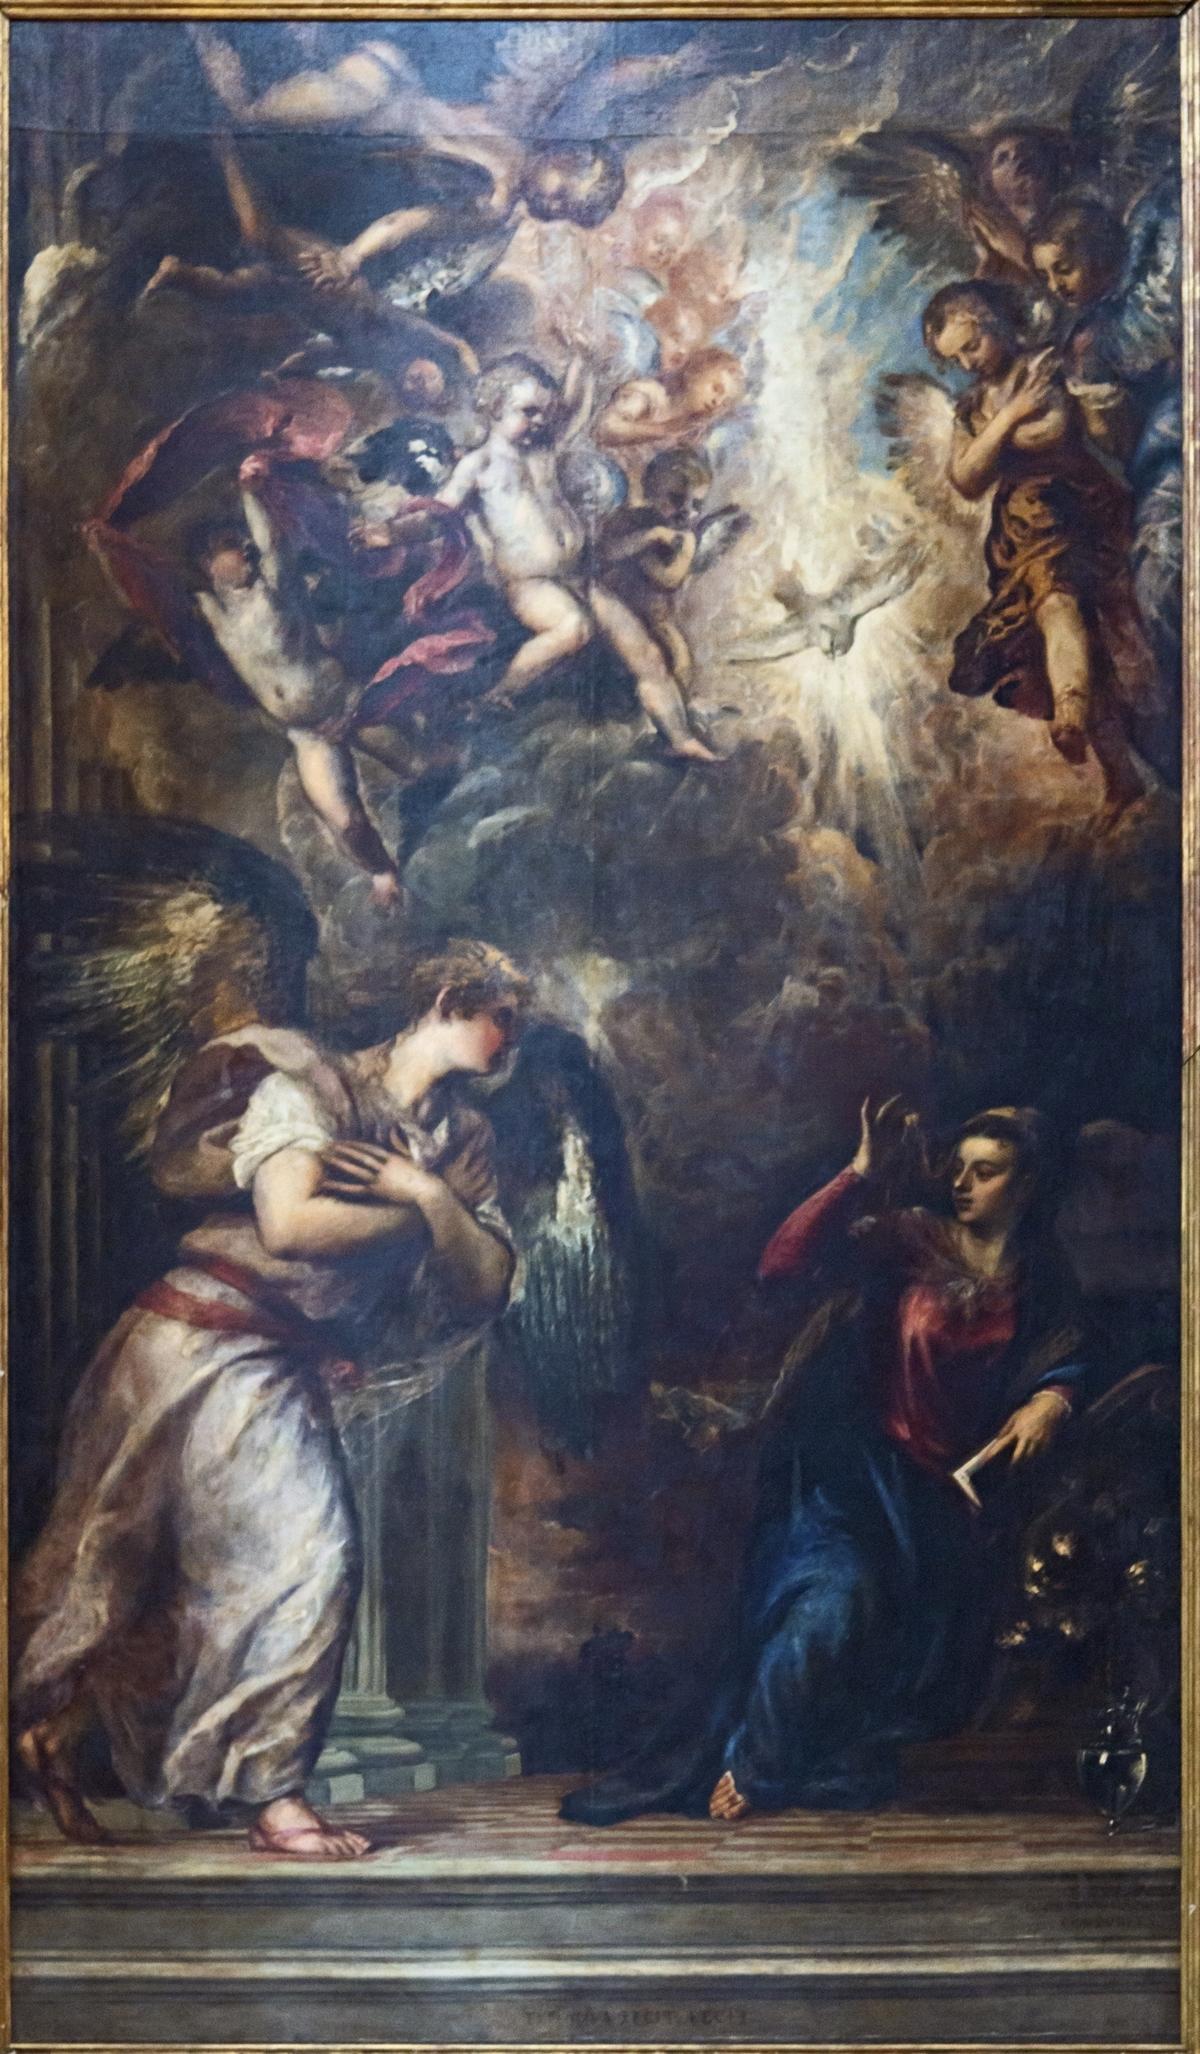 San_Salvador_Interno_-_Annunciazione_del_Signore_Tiziano-crops.jpg